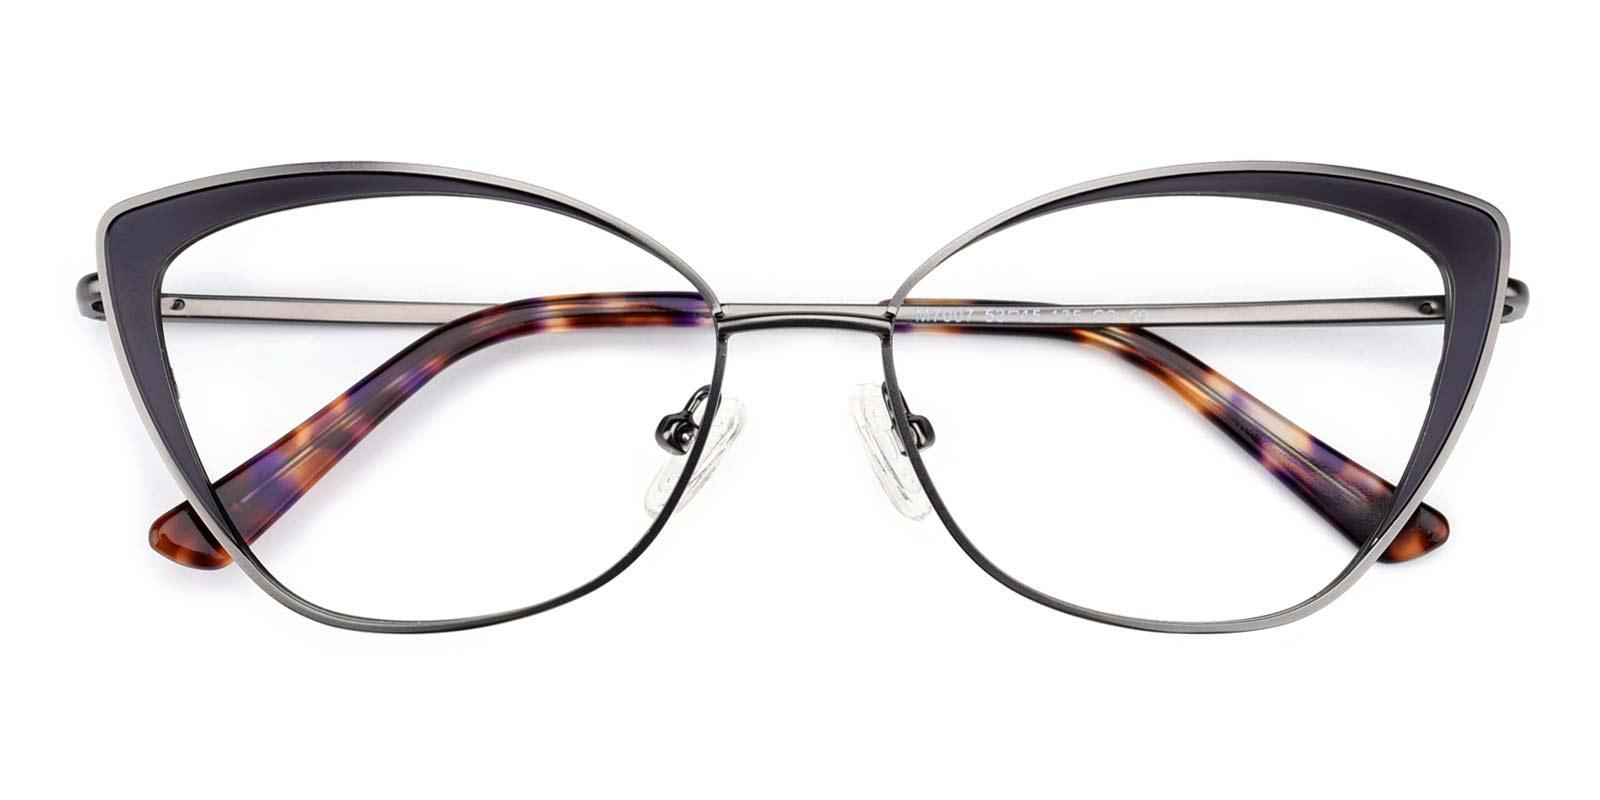 Bloor-Gun-Cat-Metal-Eyeglasses-detail